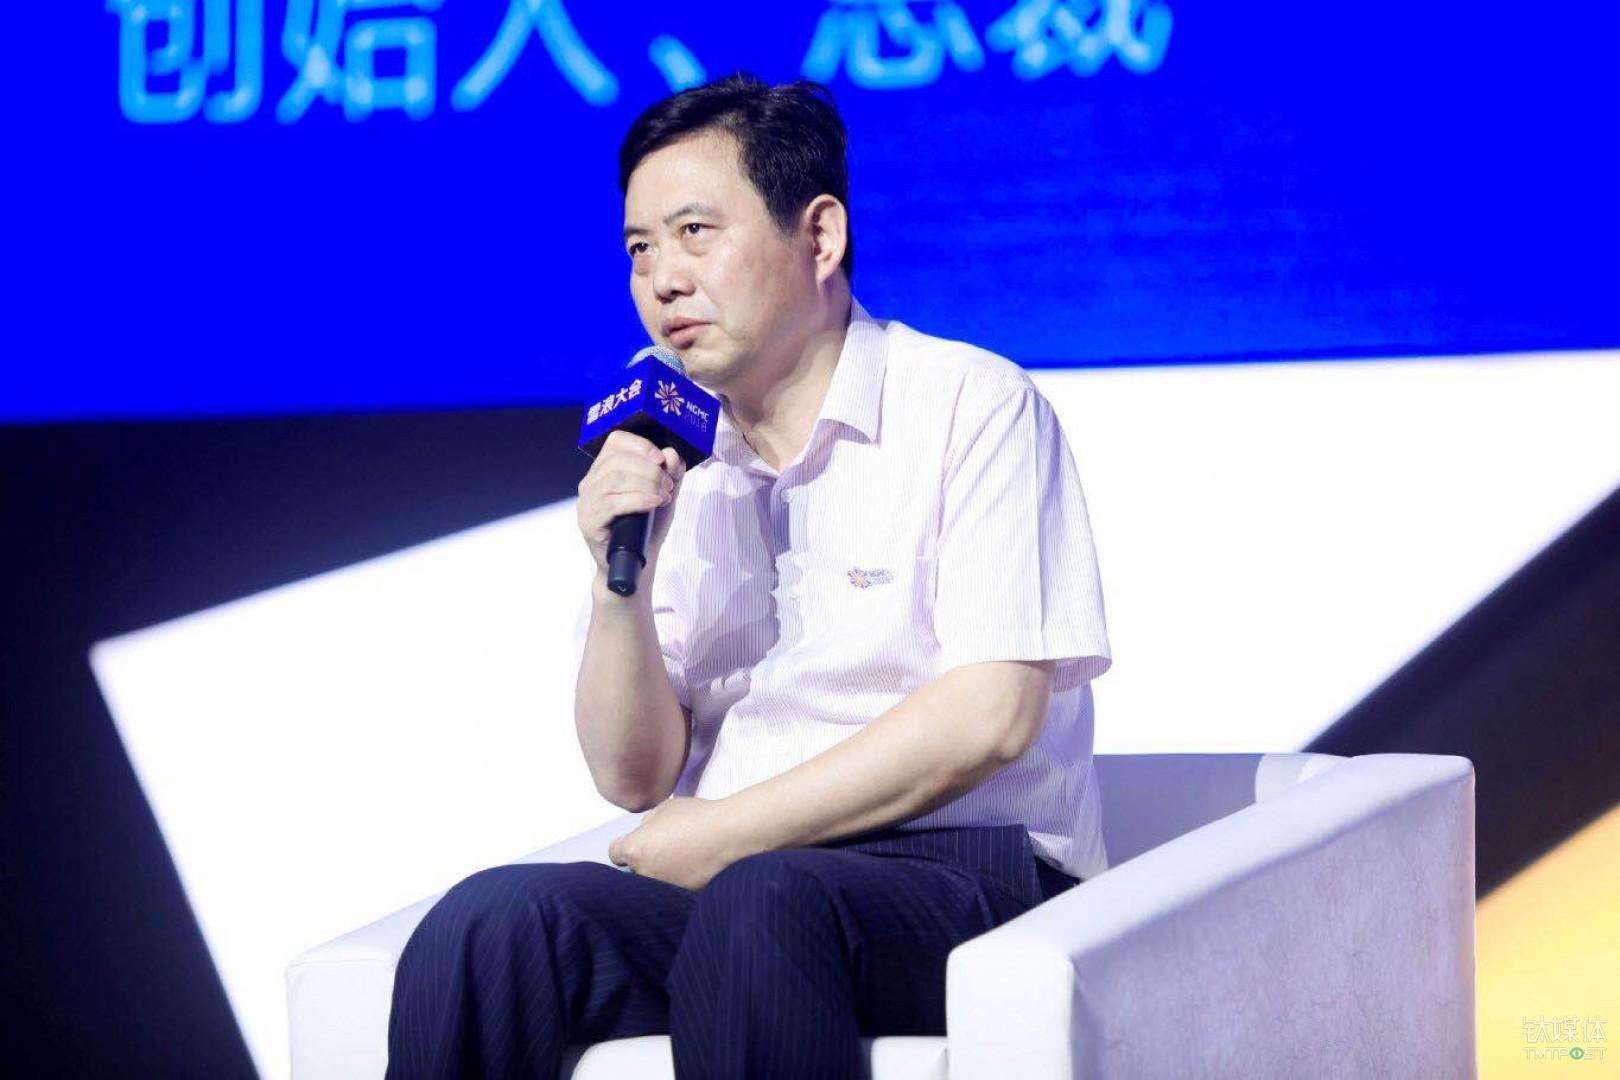 江苏省产业技术研究院党委书记、副院长胡义东